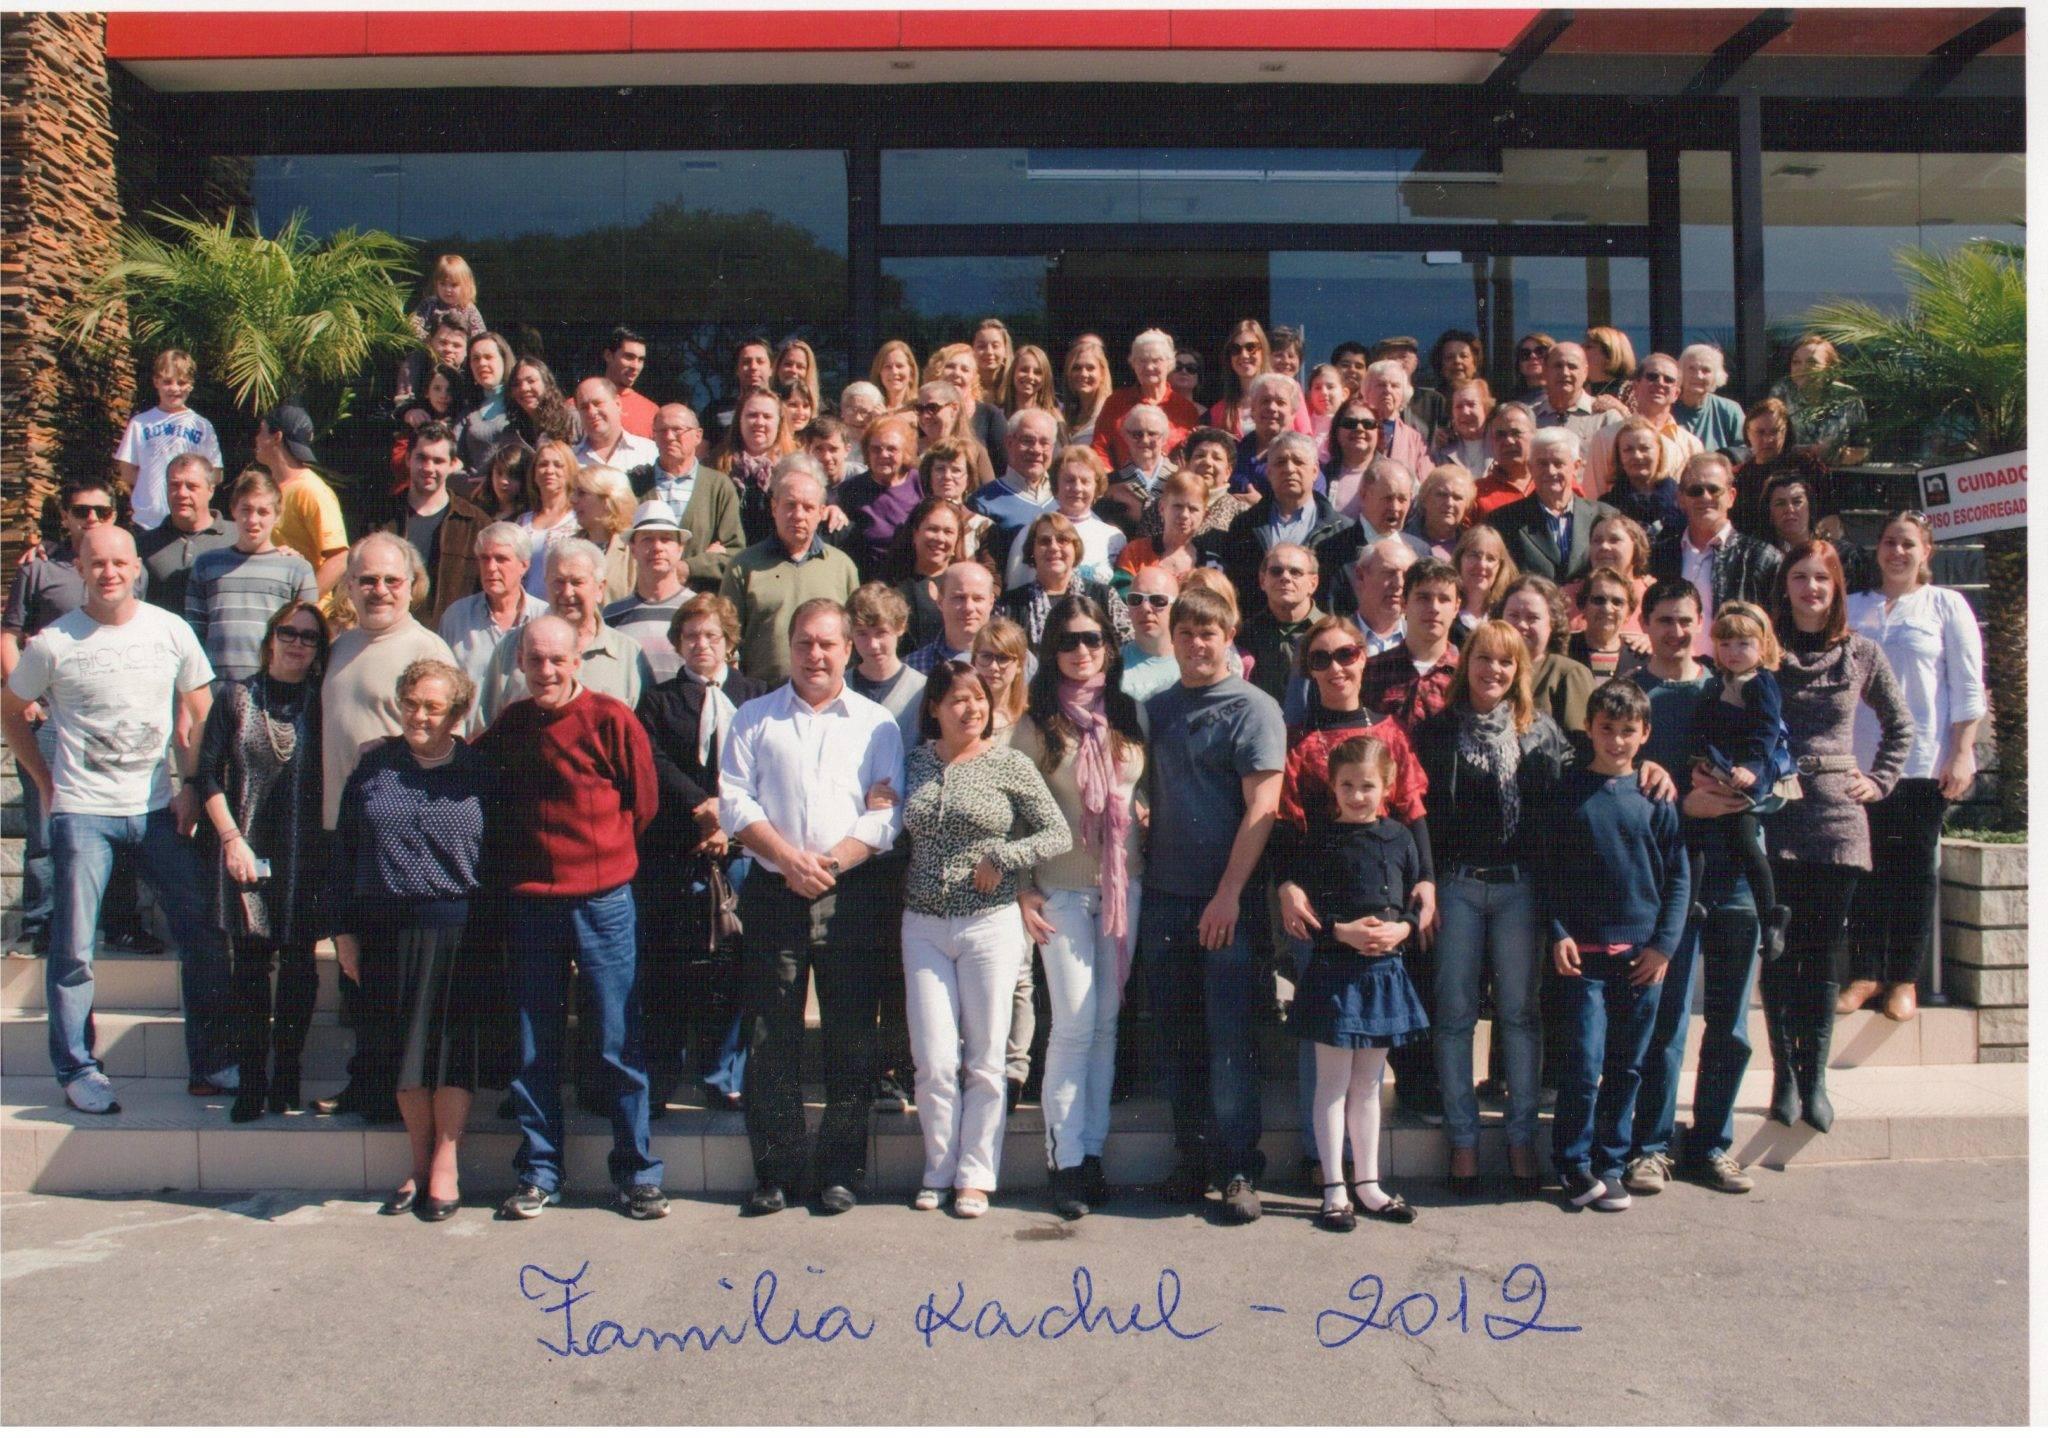 Familia Kachel 2012 - spotkanie rodzinne